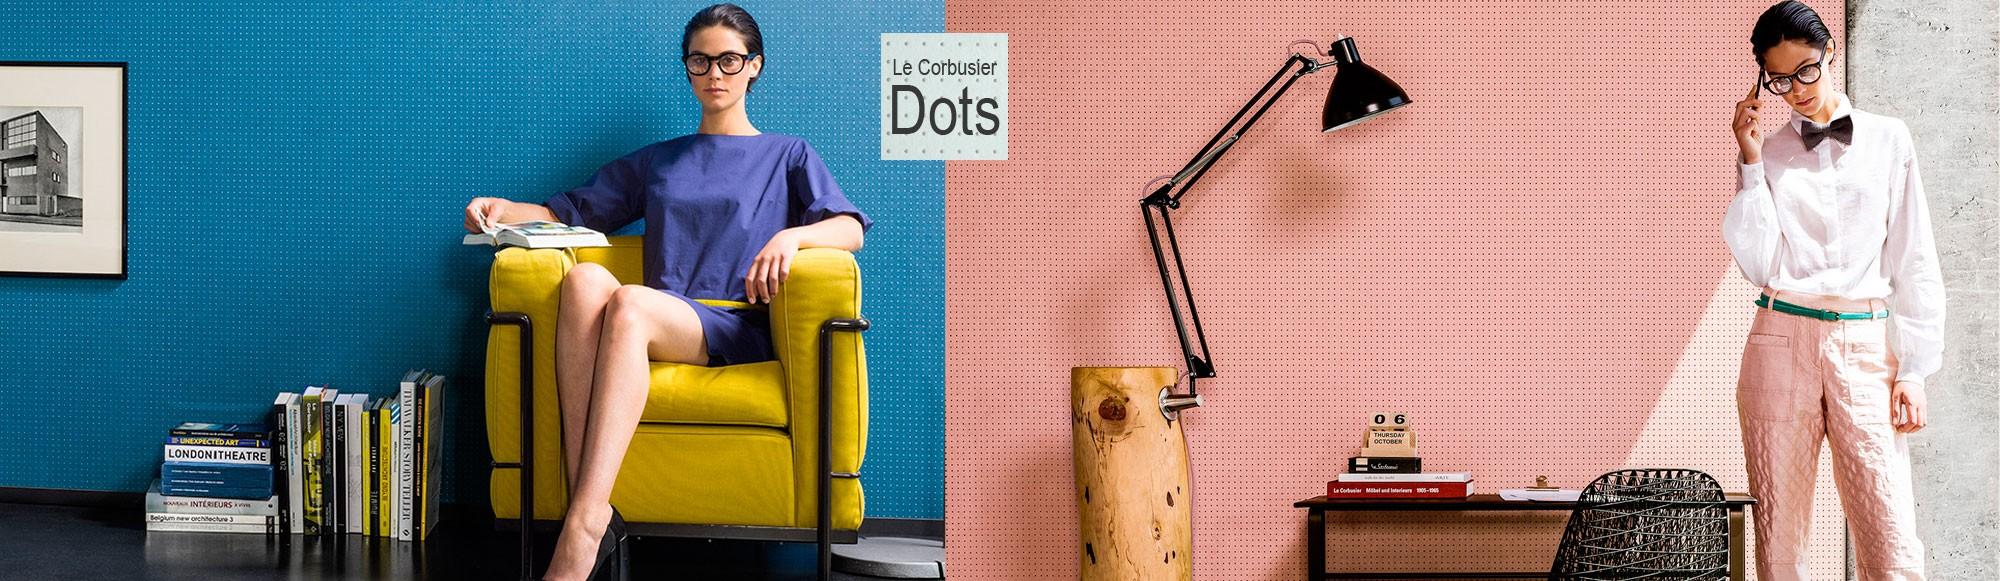 Revestimientos murales Dots de Le Corbusier